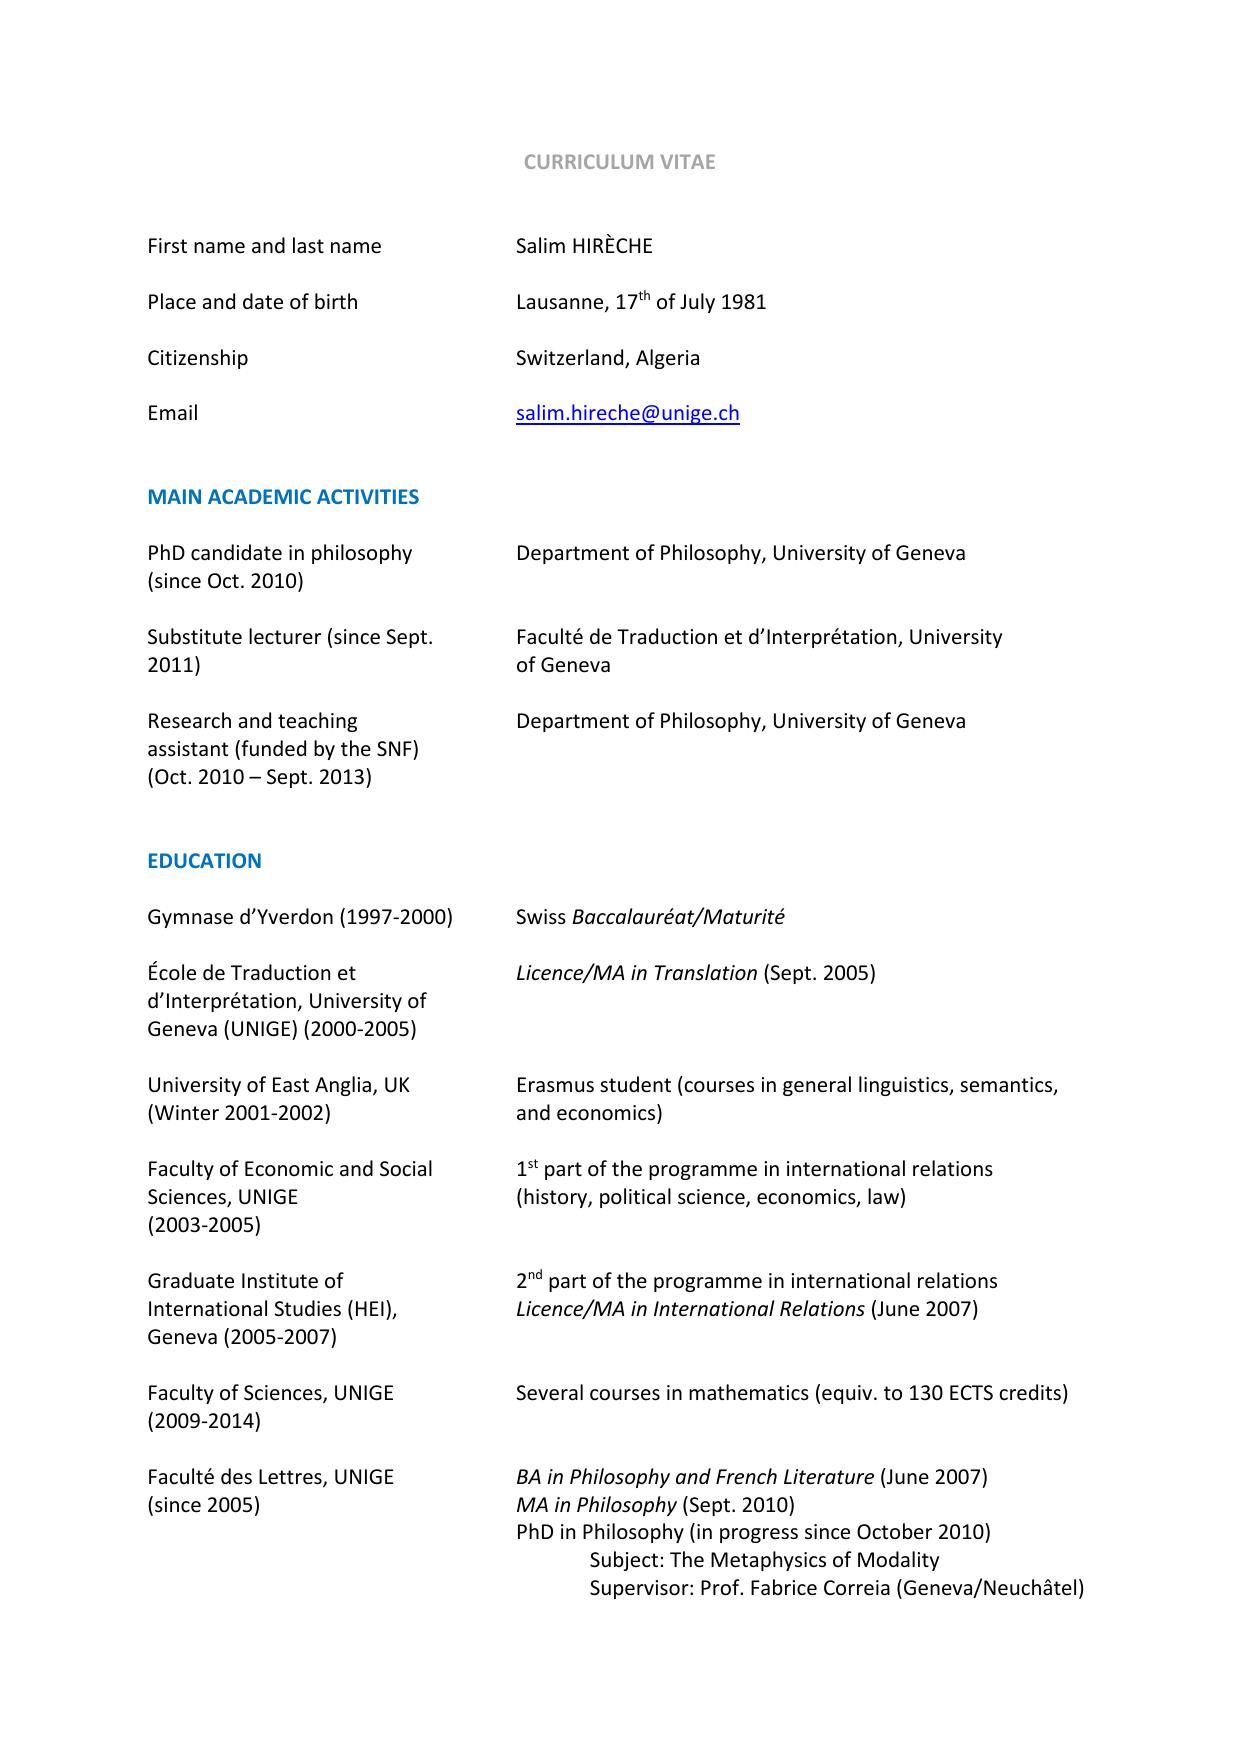 Ce este GPA minim pentru obținerea de doctorat în Germania?